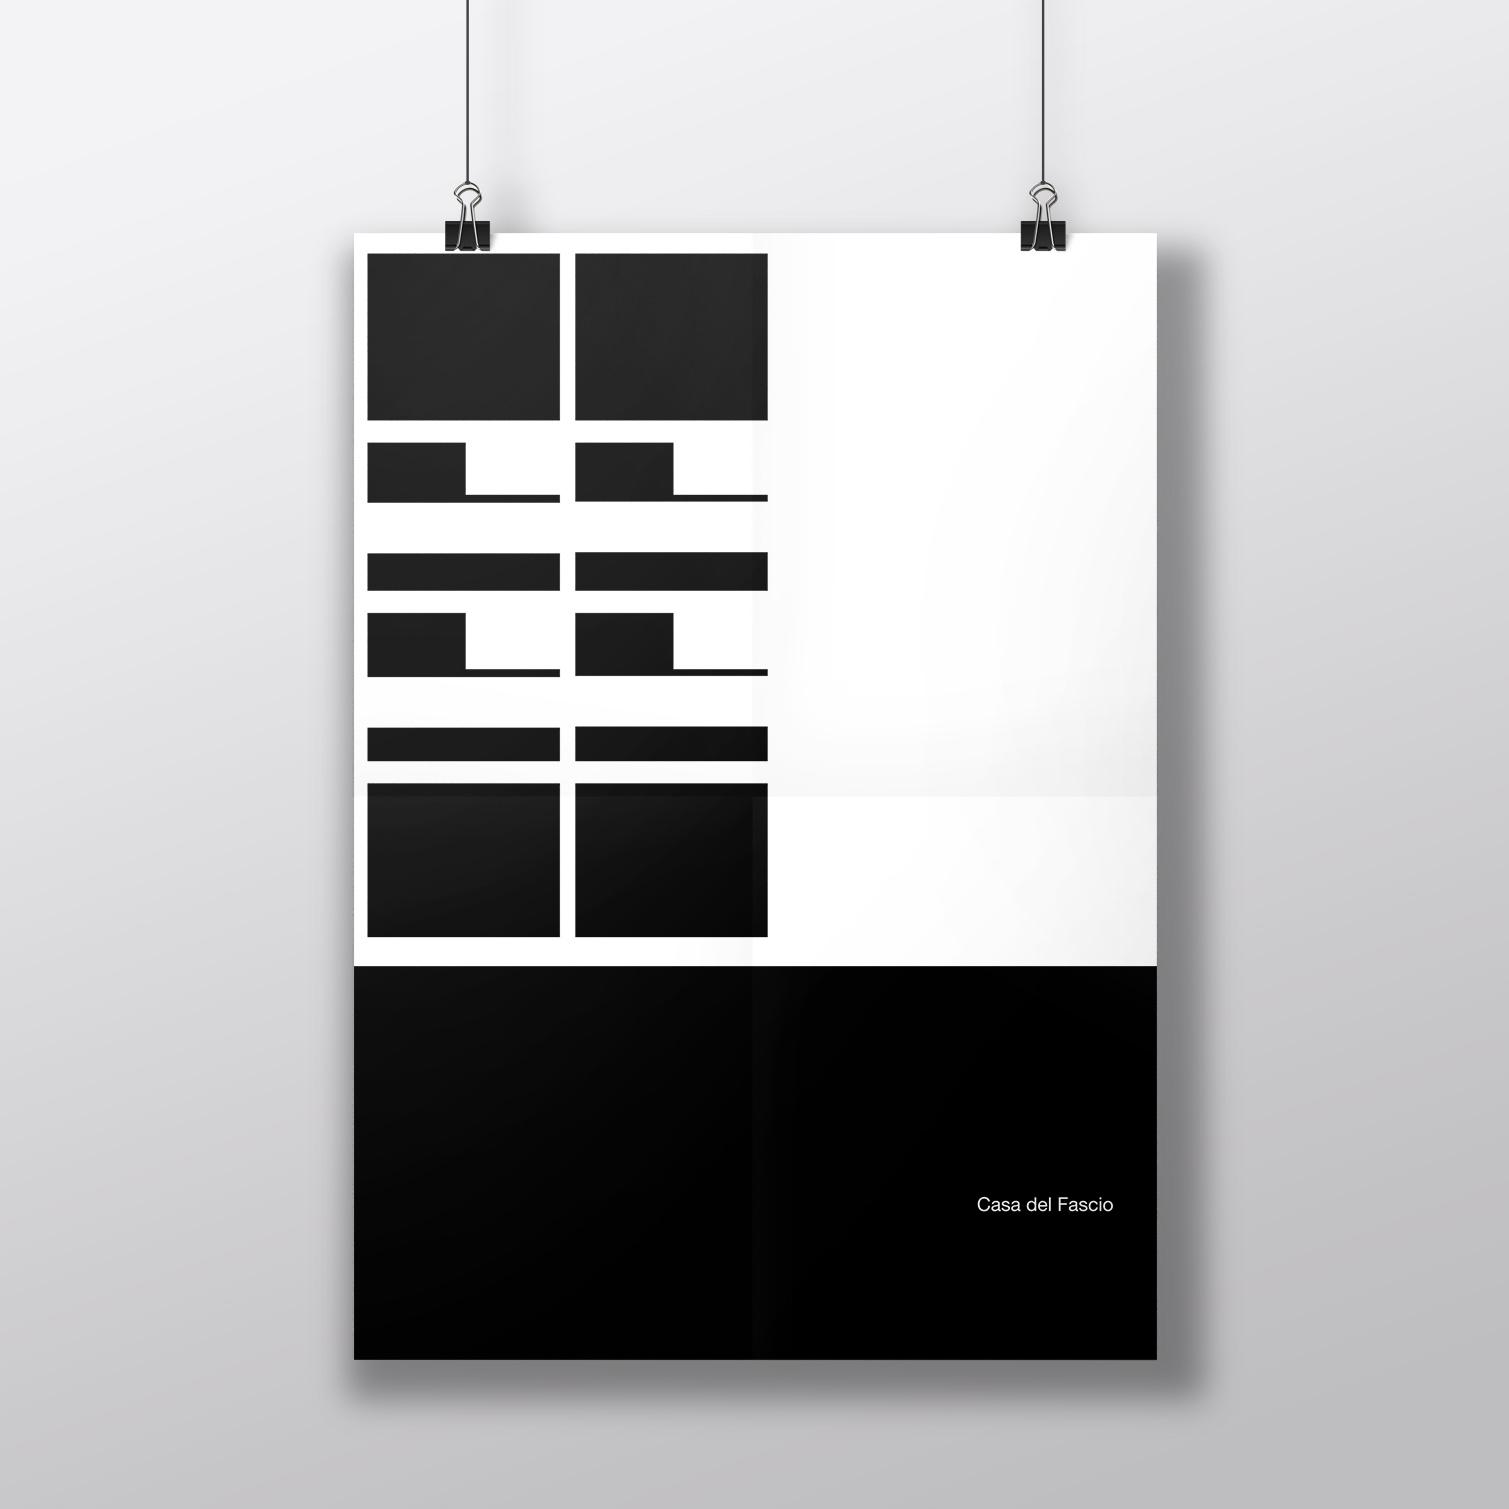 arch_it piotr zybura architecture poster casa di fascio